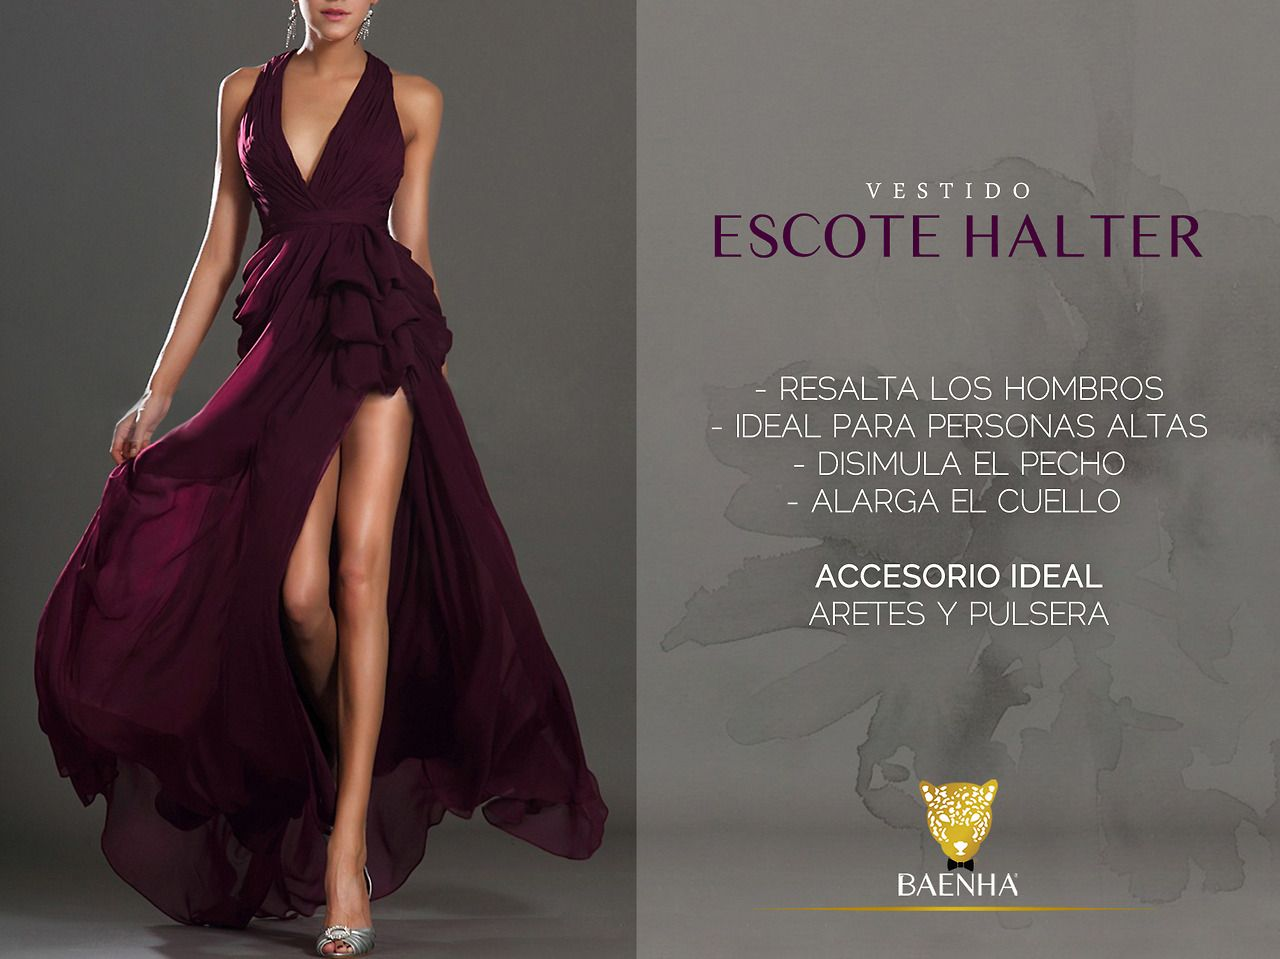 El corte Halter en un vestido tiene sus ventajas y desventajas, aquí te dejamos unas observaciones para que las tomes en cuenta.